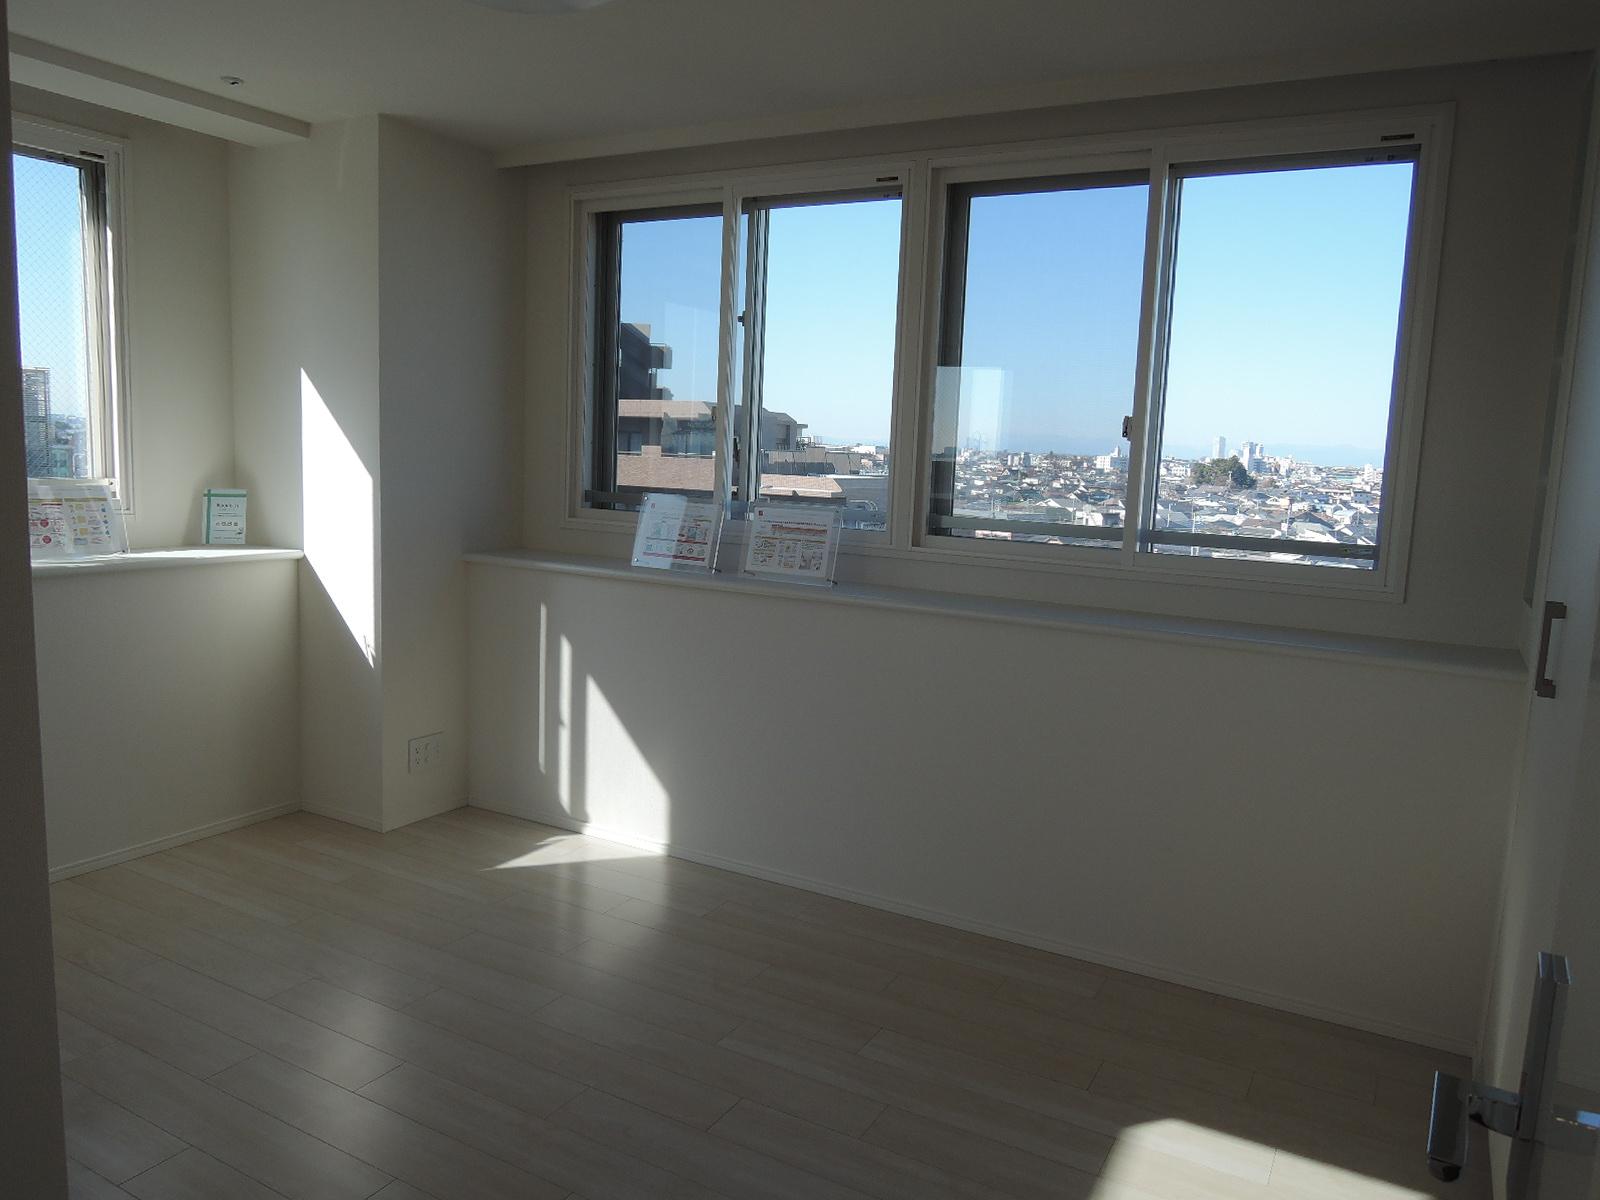 全ての居室に窓があり、明るいです